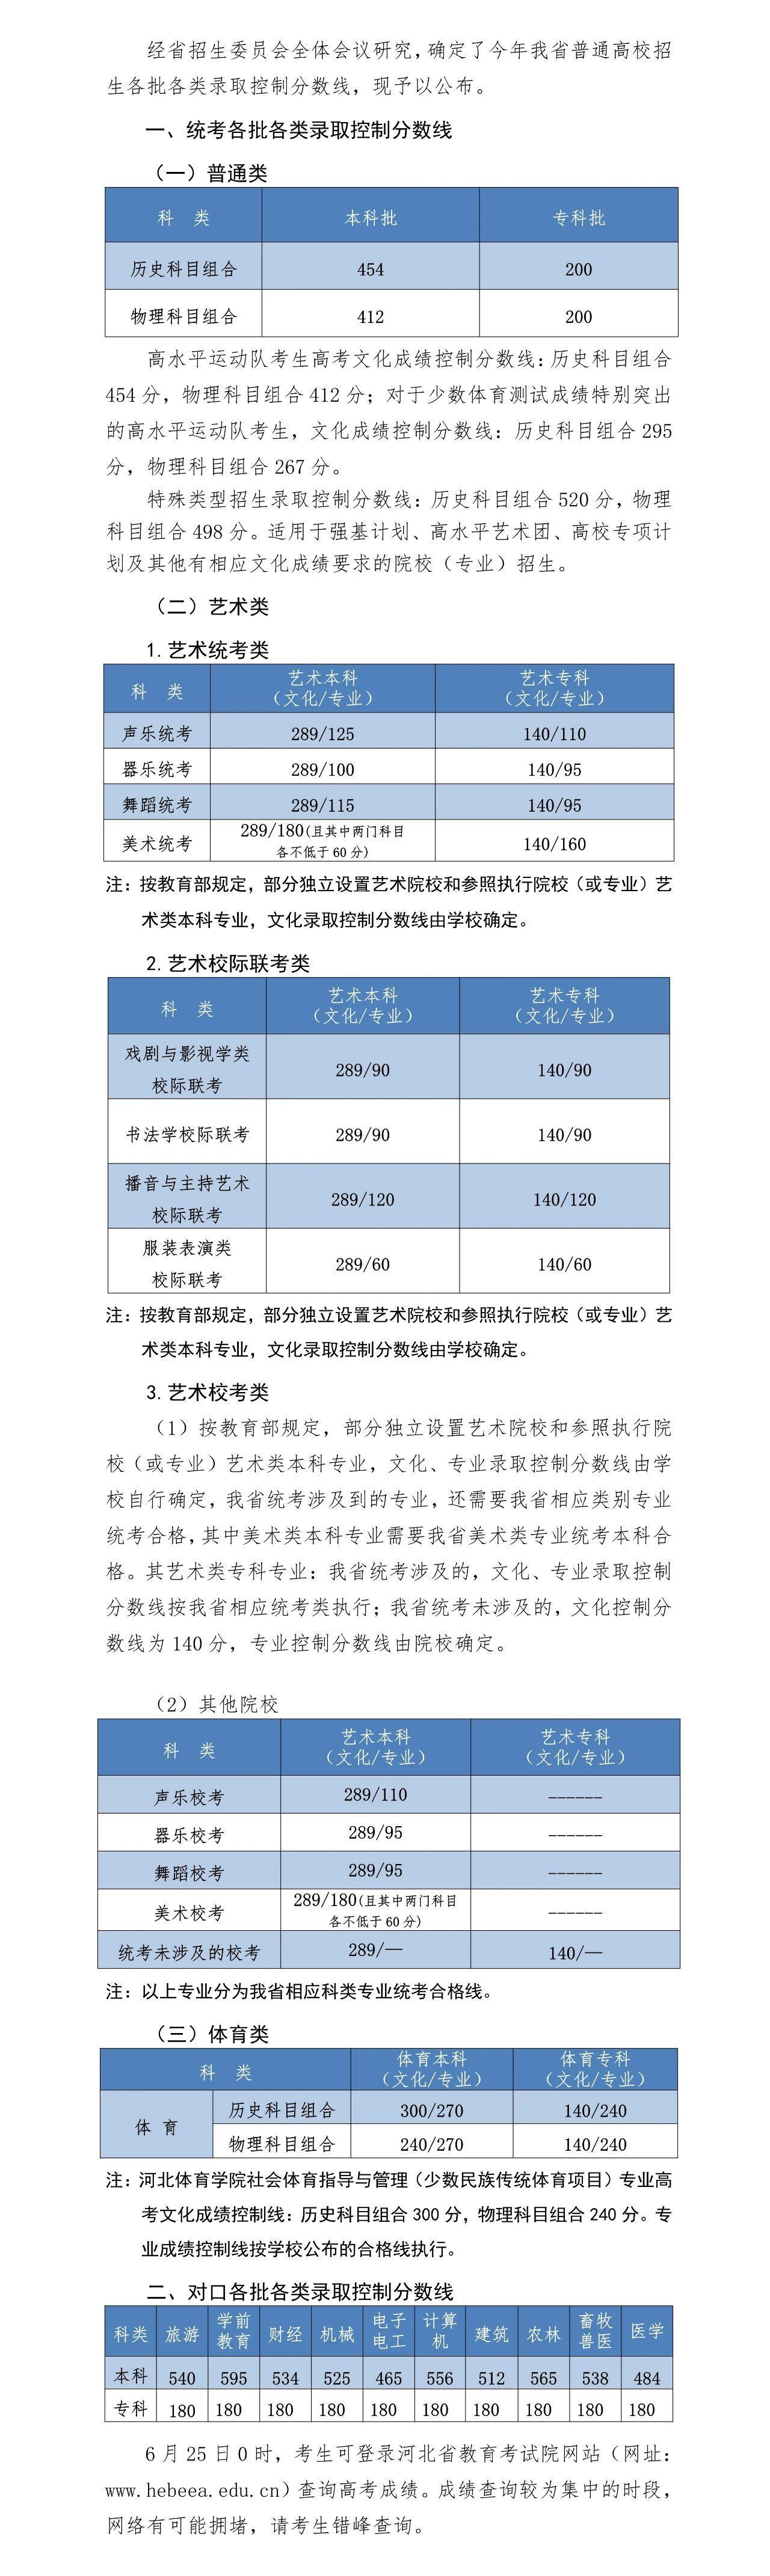 河北省2021高考分数线公布 本科批历史类454 物理类412